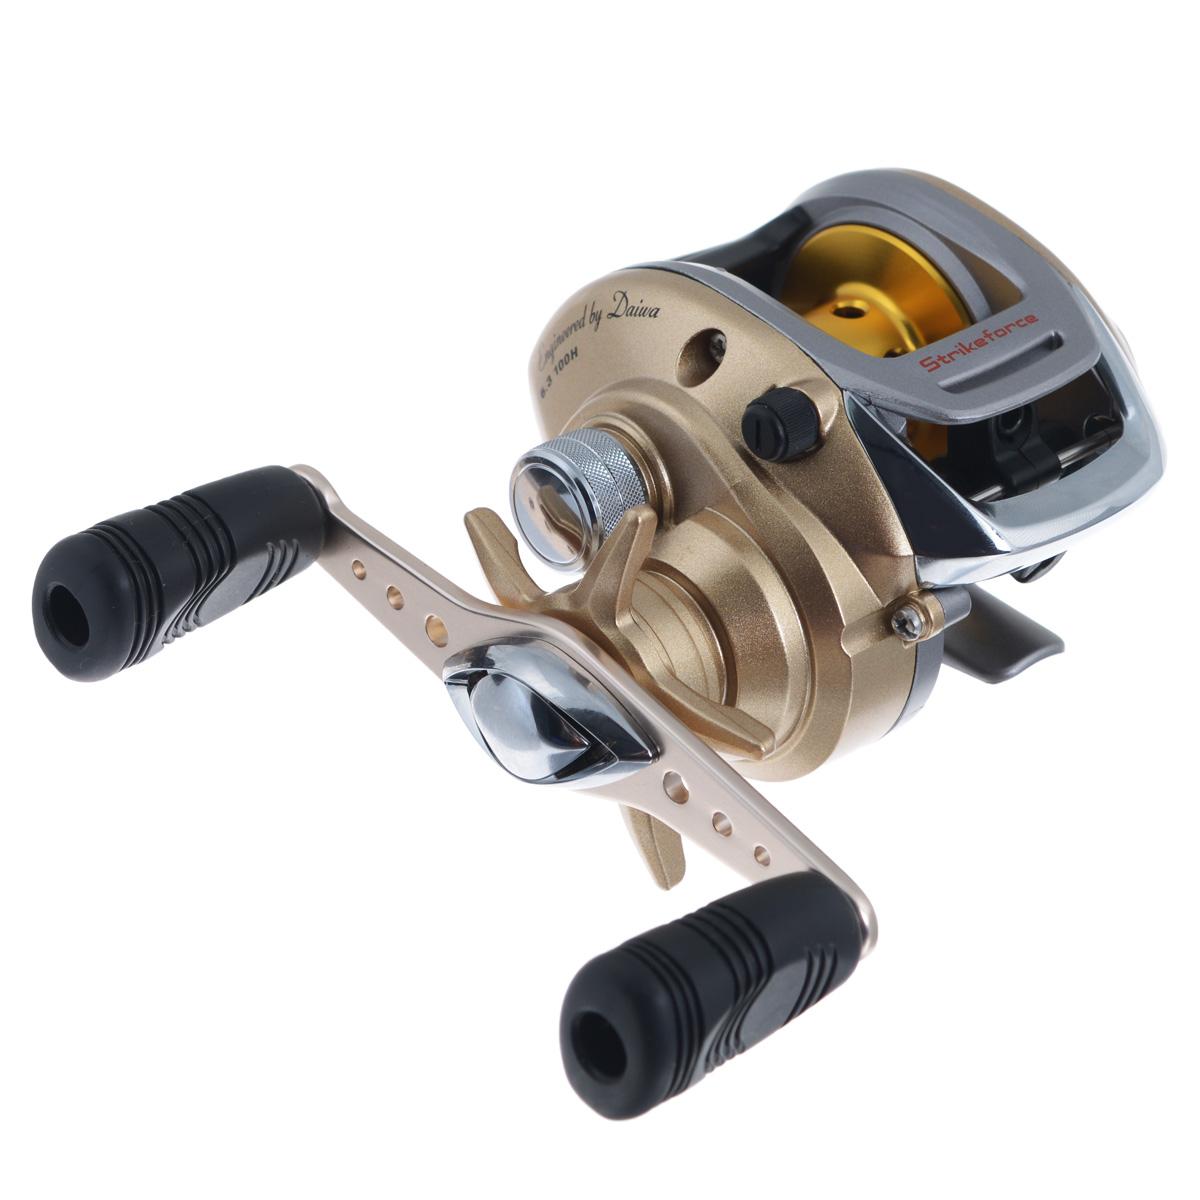 Катушка мультипликаторная Daiwa Strikeforce 100H, цвет: золотой23743Мультипликаторная катушка Daiwa Strikeforce 100H, оснащенная прогрессивной тормозной системой и средствами для борьбы с рыбой, продаваемая по доступной цене - это предел мечтаний любого рыболова. Технические характеристики: 4 шарикоподшипника +1RB. Легкая плавающая перфорированная алюминиевая шпуля. Привод размещен на 6 точечной прецизионной подвеске. Система магнитного торможения Magforce. Система Infinite anti reverse. Ручки в мягкой оболочке. Вес катушки: 235 г. Емкость шпули: 0,32 мм - 135 м, 0,35 мм - 115 м. Намотка за оборот ручки: 71 см.